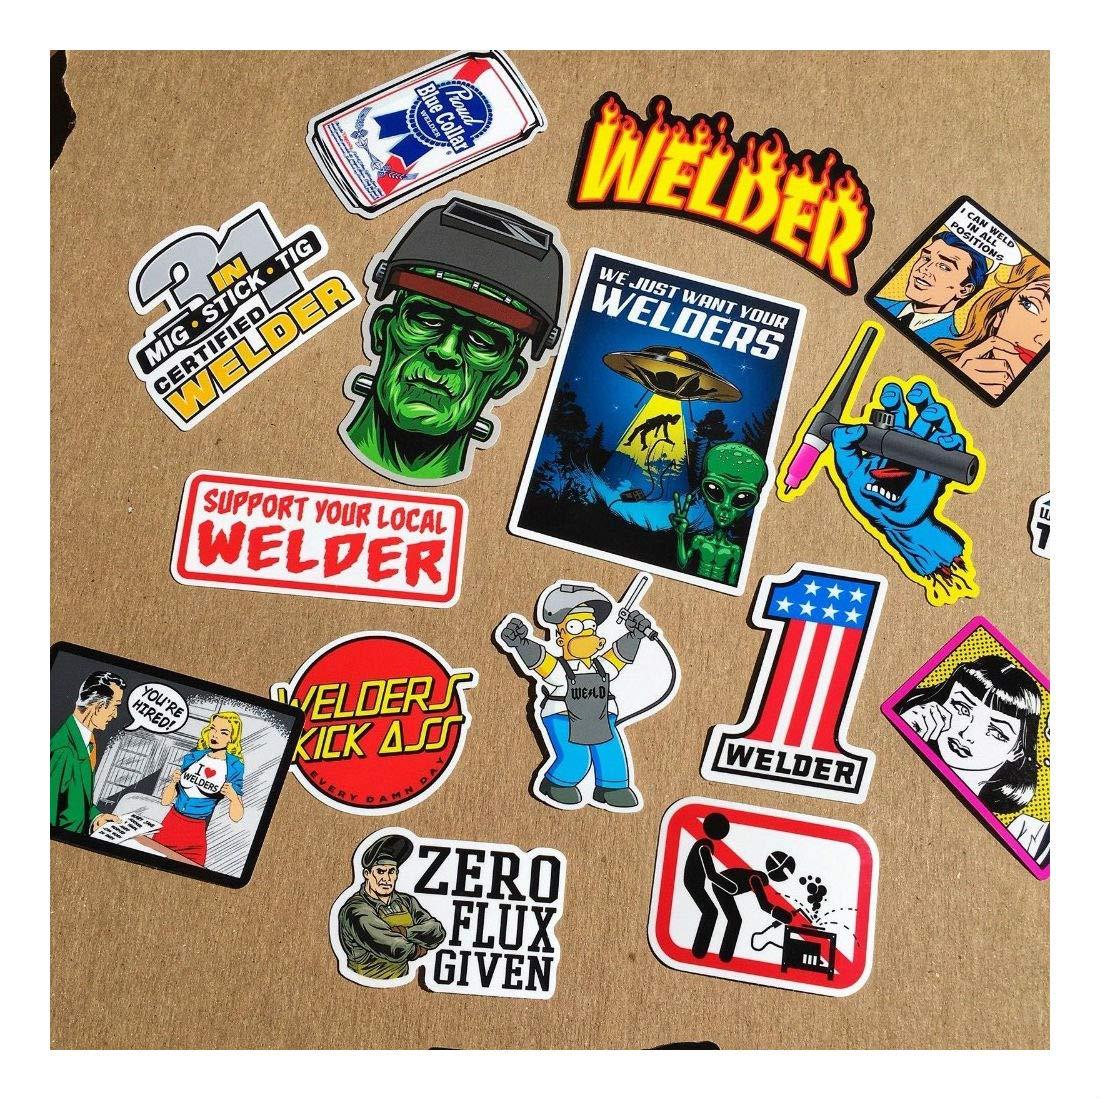 New Welder 40+ Hard Hat Stickers Hardhat Sticker & Decals, Welding Helmet, Hood by Unknown (Image #3)